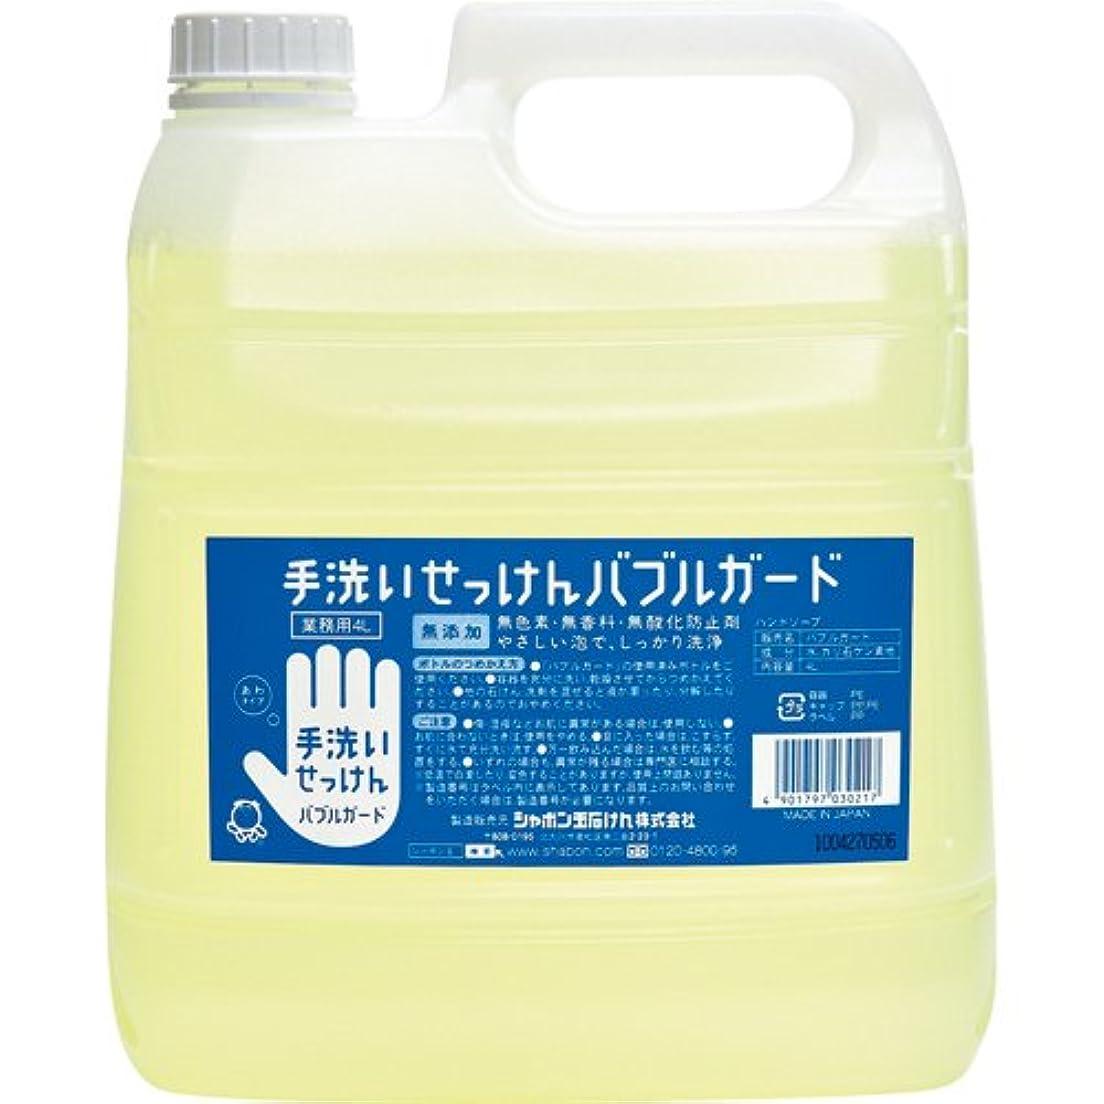 こどもの宮殿早熟田舎[シャボン玉石けん 1692542] (ケア商品)手洗いせっけん バブルガード 泡タイプ 業務用 4L